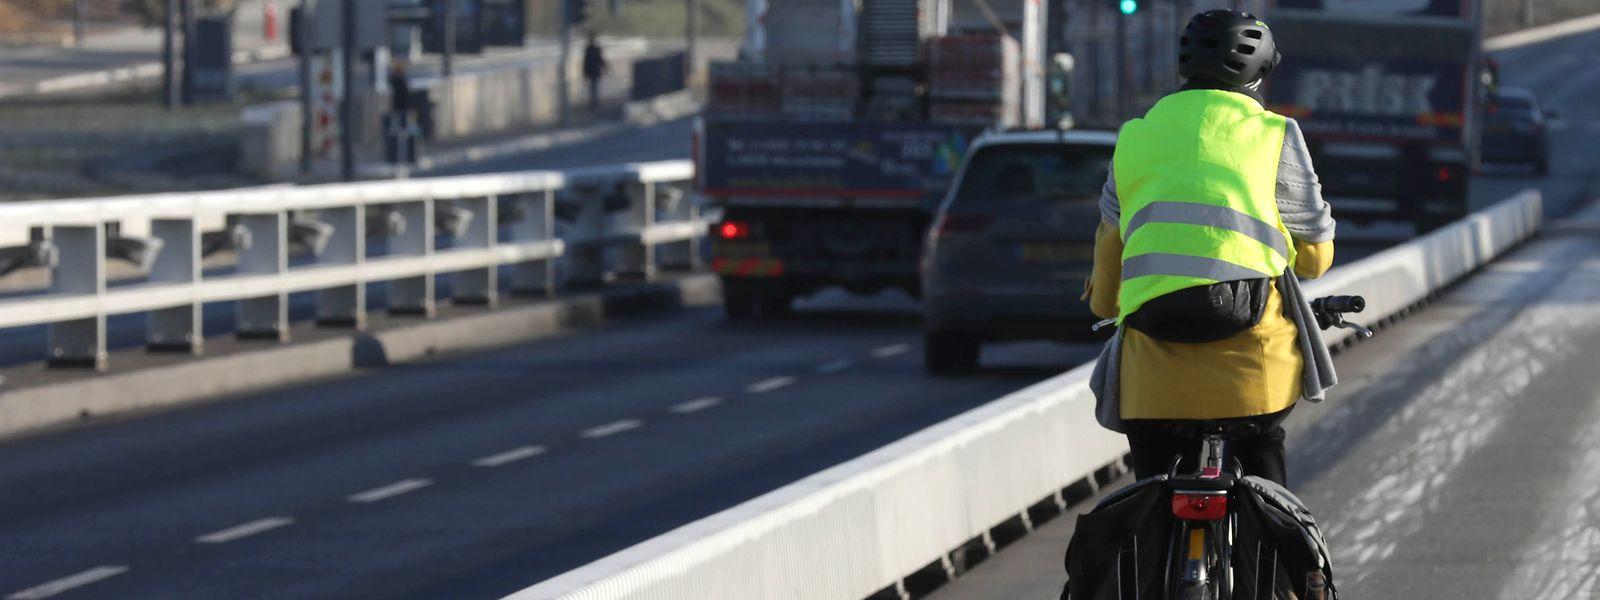 Einer Studie zufolge steigt die Bereitschaft der Bürger, Rad zu fahren, wenn die Wege vom restlichen Verkehr getrennt sind.